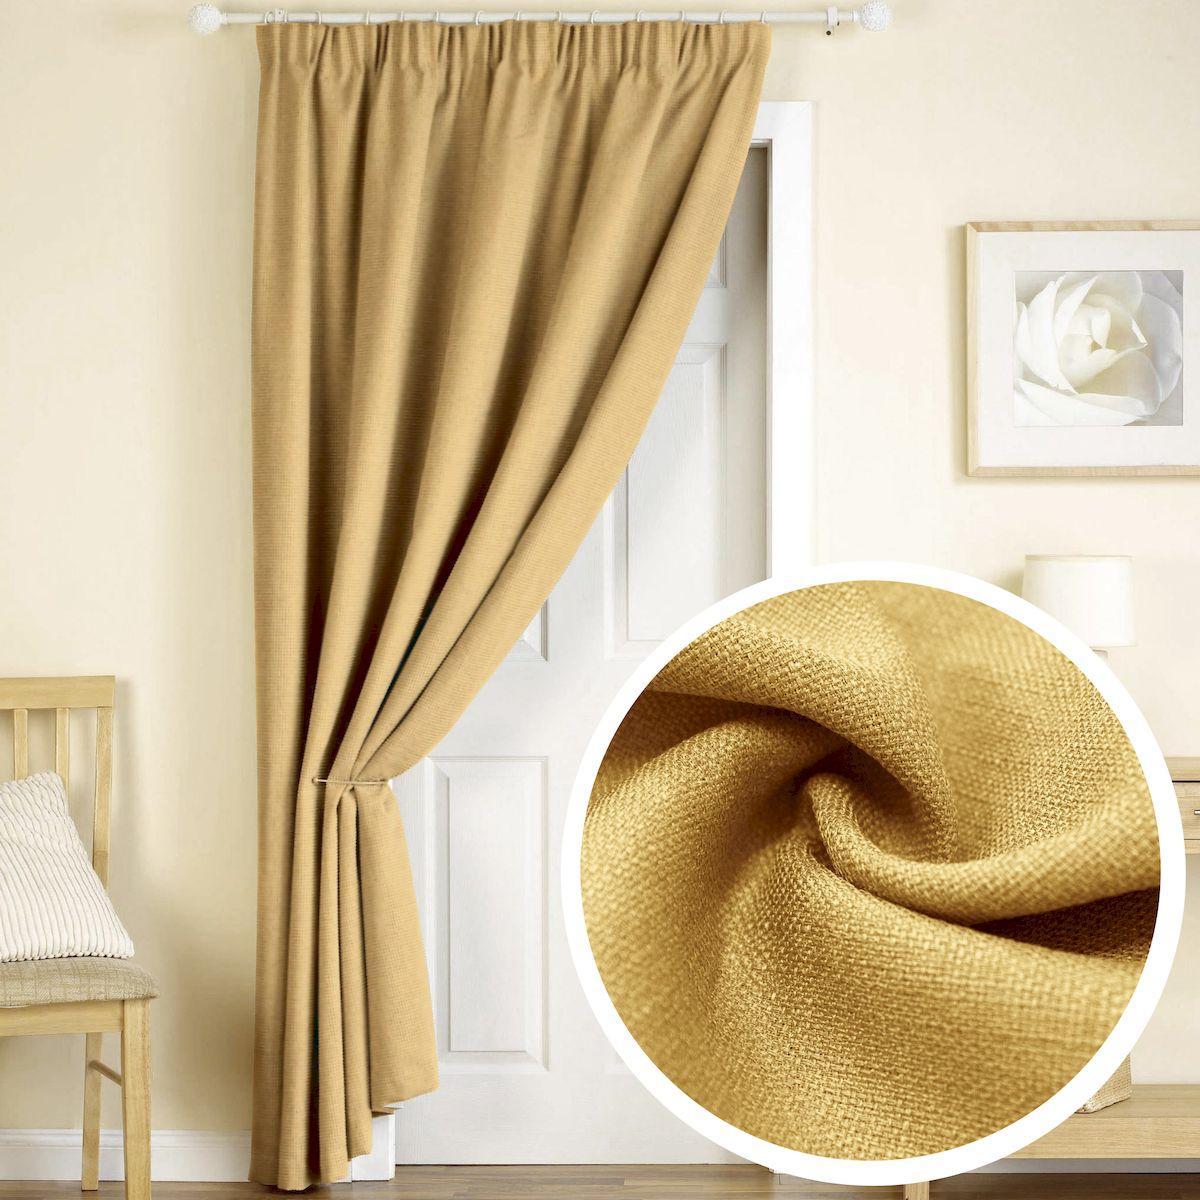 Штора Amore Mio Лен, на ленте, цвет: желтый, высота 270 см77506Штора Amore Mio из плотной ткани, имитирующей натуральный лен, придаст современный вид любому интерьеру. Изготовлена из 100% полиэстера. Полиэстер - вид ткани, состоящий из полиэфирных волокон. Ткани из полиэстера легкие, прочные и износостойкие. Такие изделия не требуют специального ухода, не пылятся и почти не мнутся. Крепление к карнизу осуществляется при помощи вшитой шторной ленты.